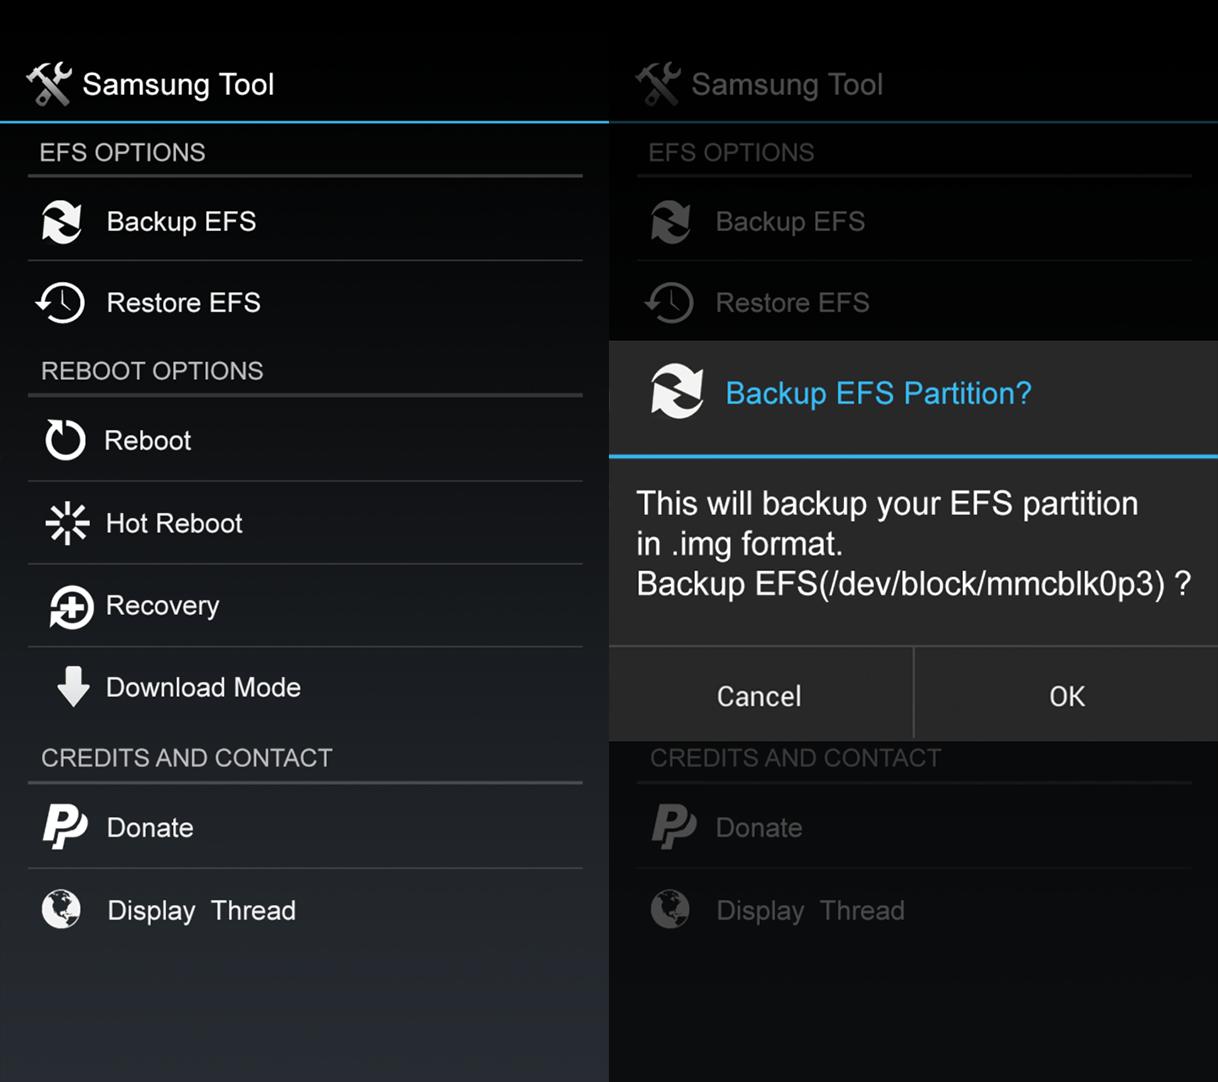 backup EFS -  [TOOL] [EFS] [APP] Samsung Tool 1.0 /V5/[BACKUP / RESTORE na zařízení] Image